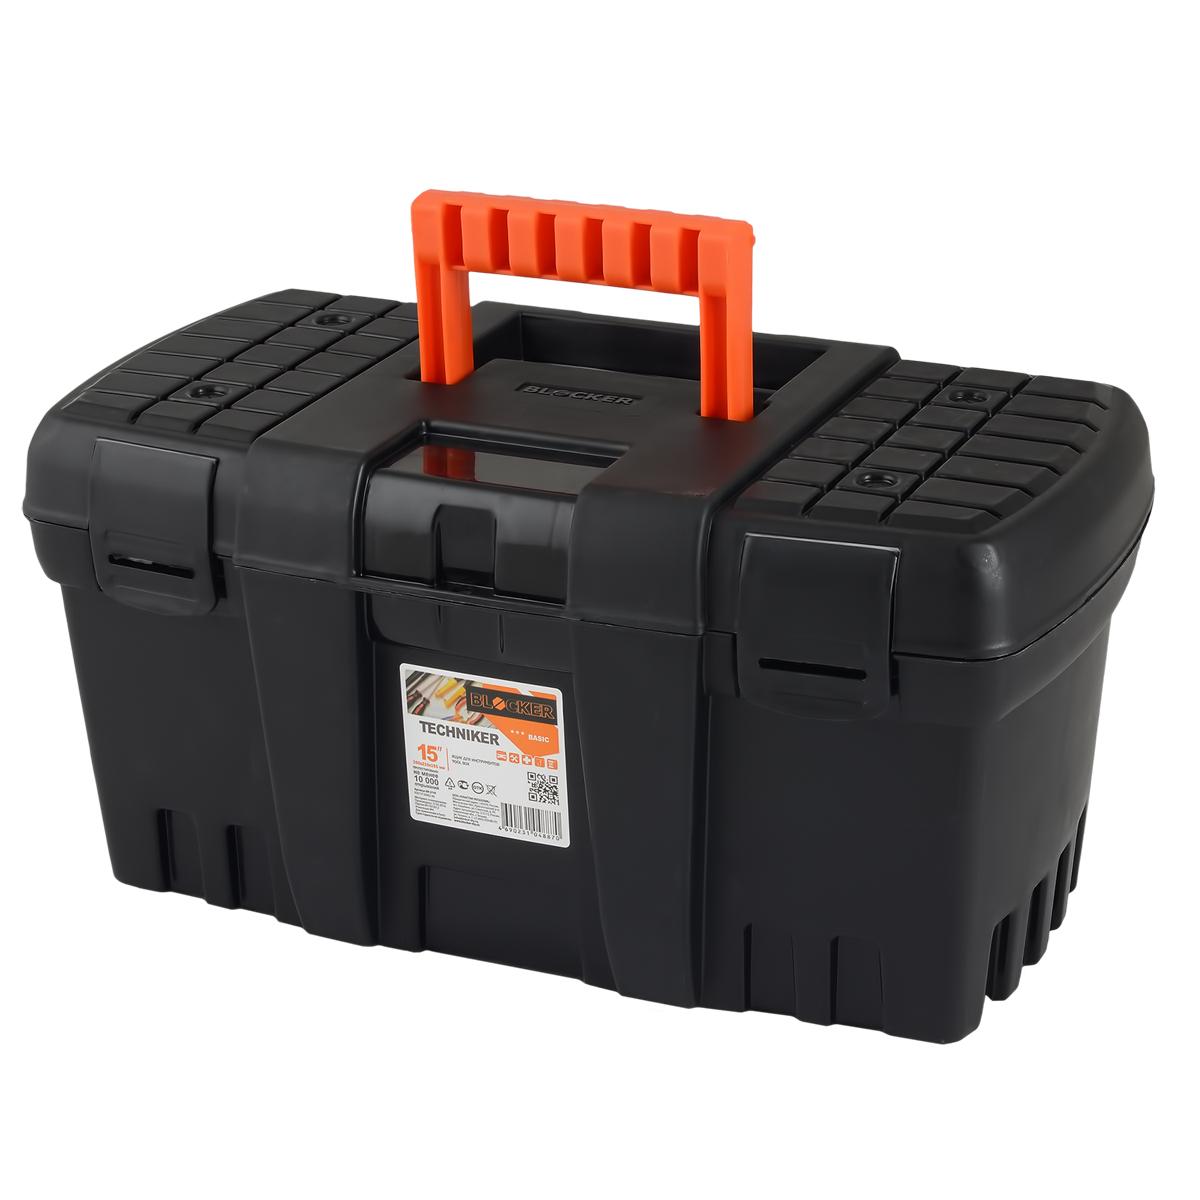 Ящик для инструментов Blocker Techniker, цвет: черный, 460 х 250 х 233 ммBR3748ЧРОтлично подходит для организации хранения и транспортировки инструментов и принадлежностей к ним в автомобиле, на даче или дома. Петли и замки выполнены единым элементом с корпусом. Не имеет внутреннего лотка. Каждый элемент имеет ресурс 10 000 изгибов, что позволяет интенсивно эксплуатировать продукт несколько лет.